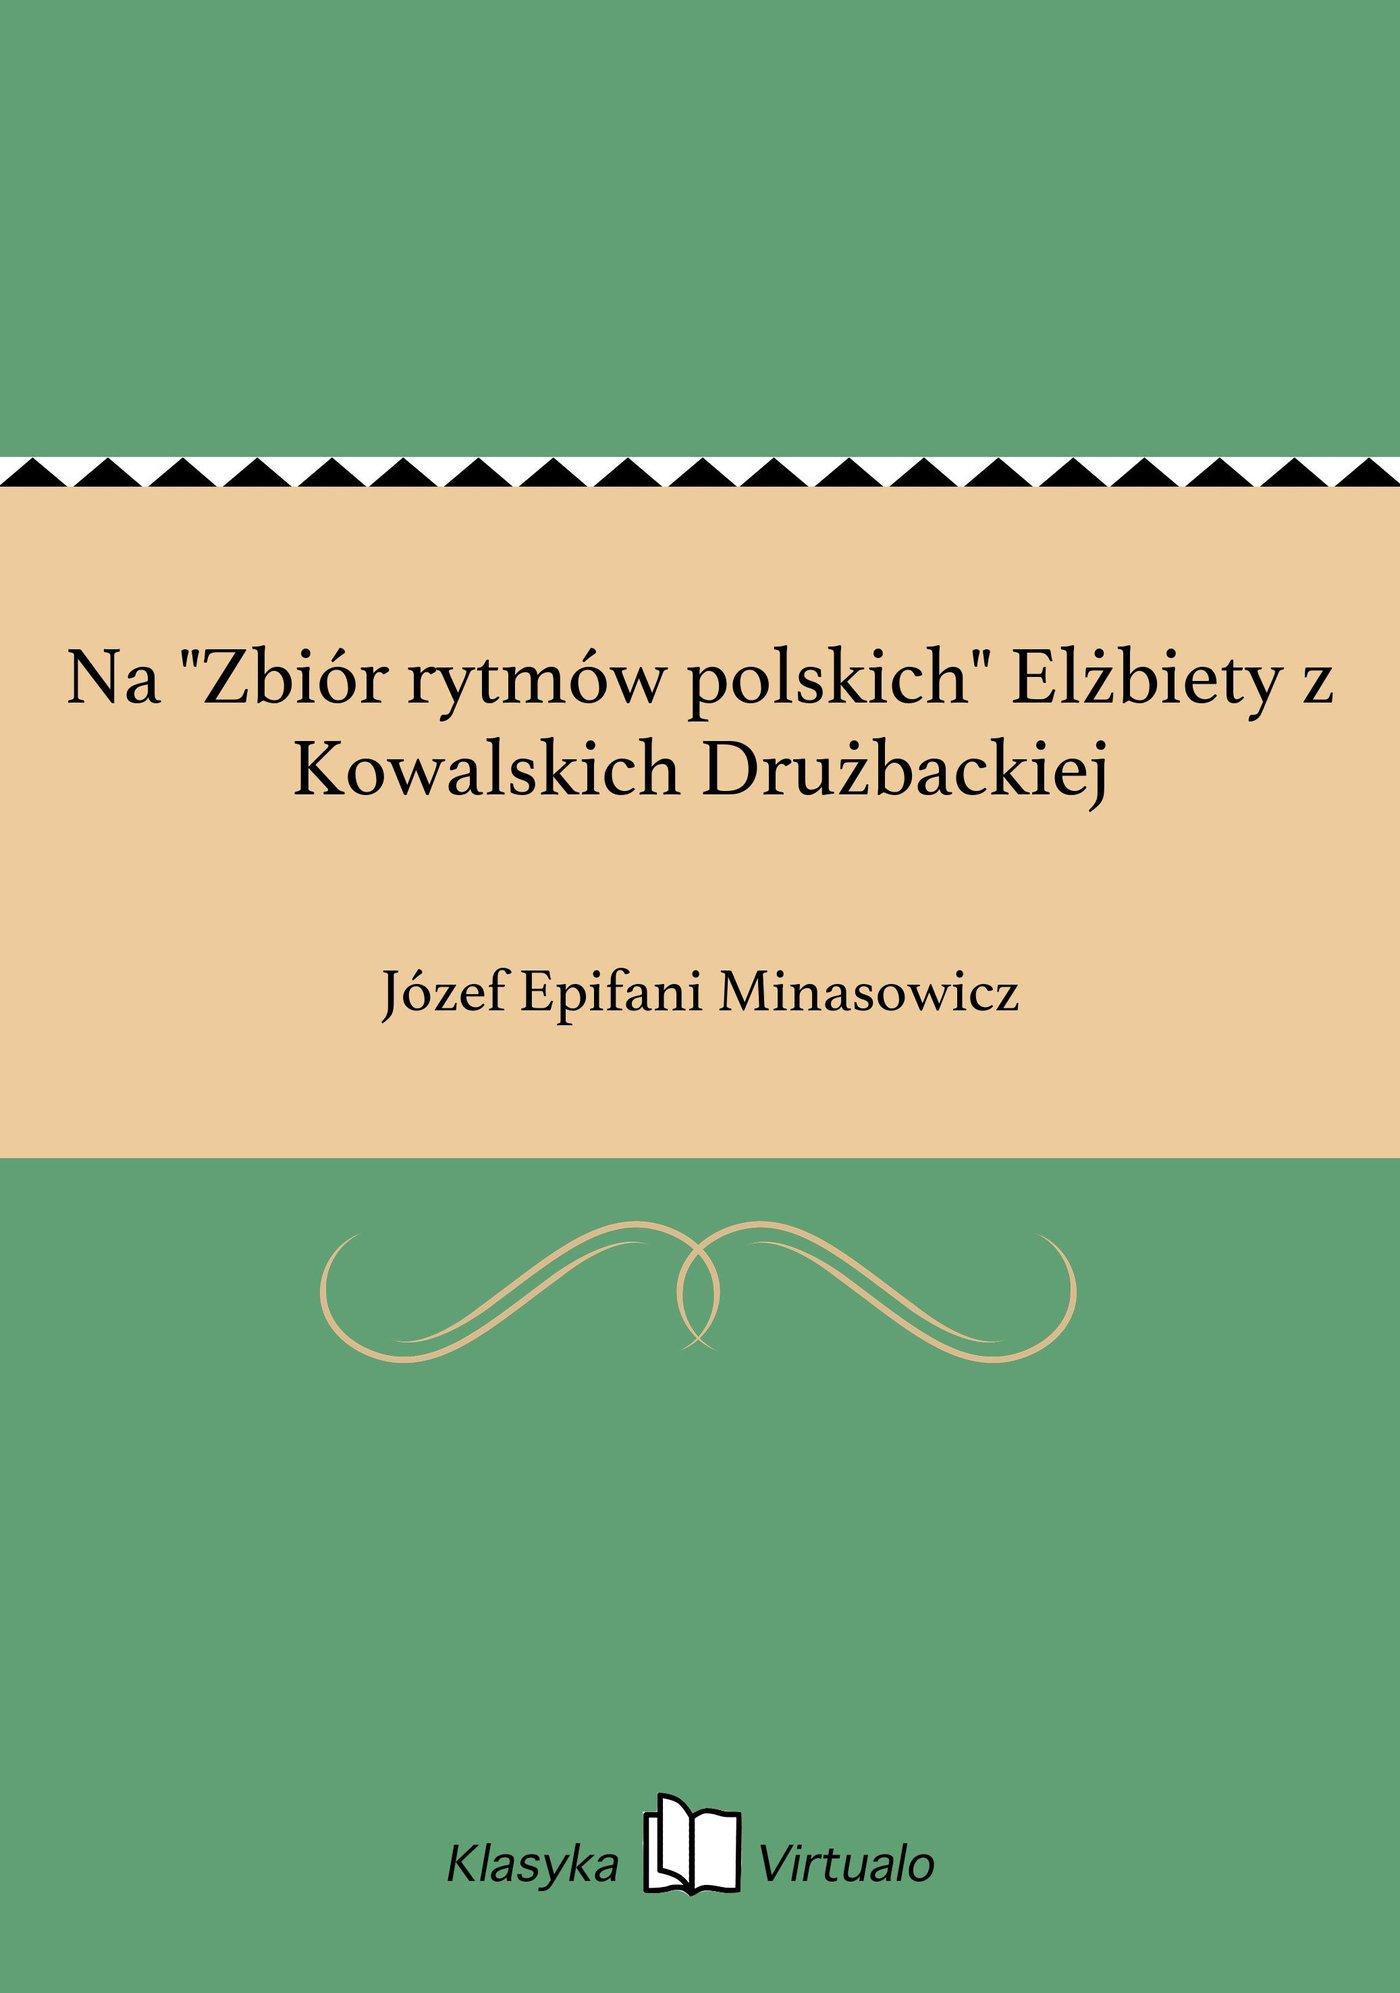 """Na """"Zbiór rytmów polskich"""" Elżbiety z Kowalskich Drużbackiej - Ebook (Książka EPUB) do pobrania w formacie EPUB"""